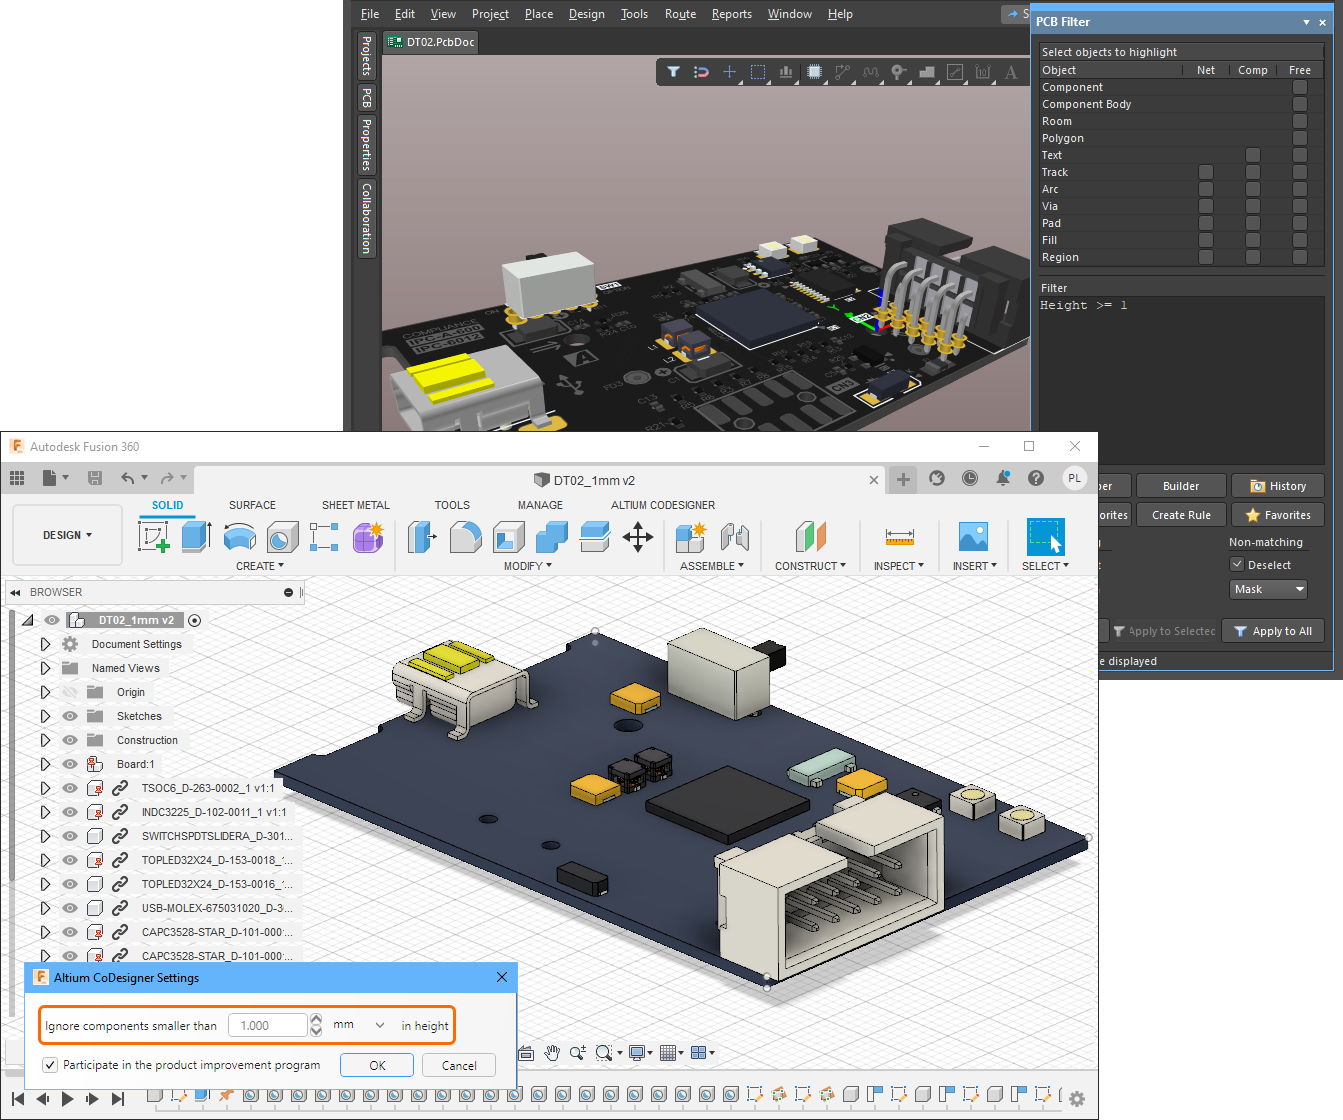 Малые компоненты теперь можно исключить при приеме платы, задав пороговое значение высоты (наведите курсор мыши на изображение, чтобы увидеть плату в ECAD).